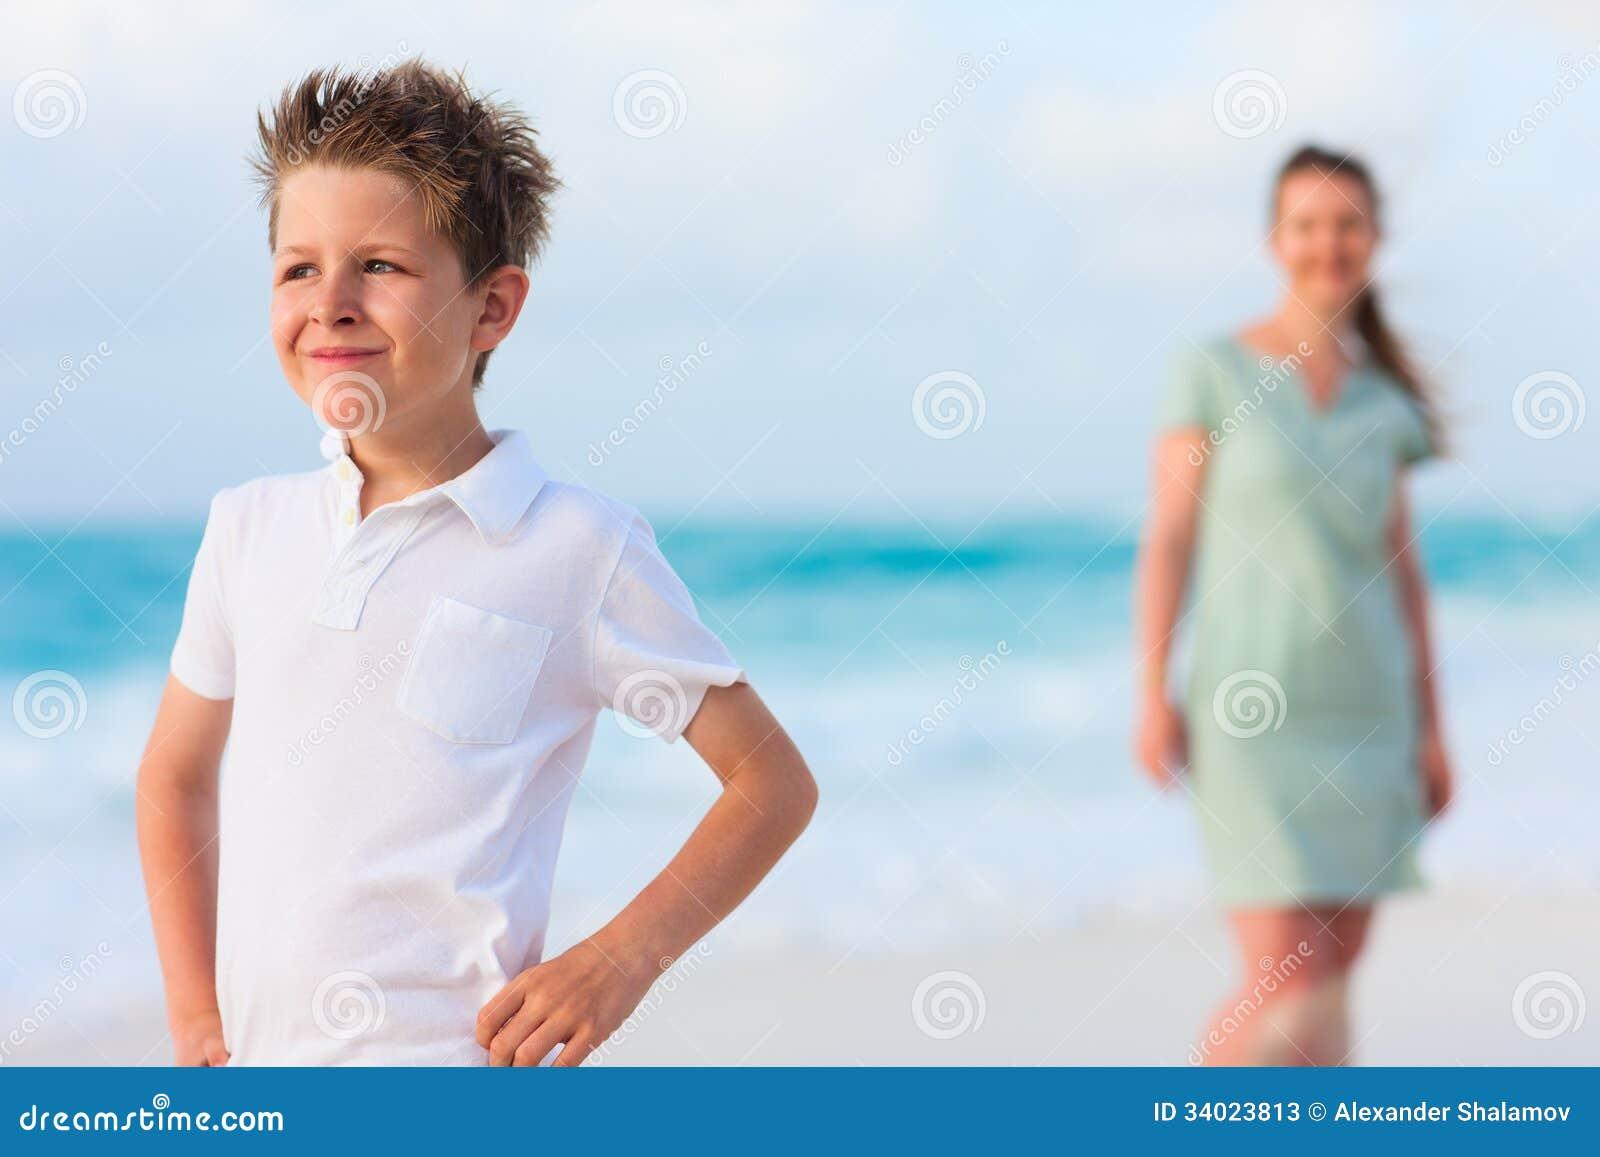 Stockfotos: Mutter und Sohn auf Ferien